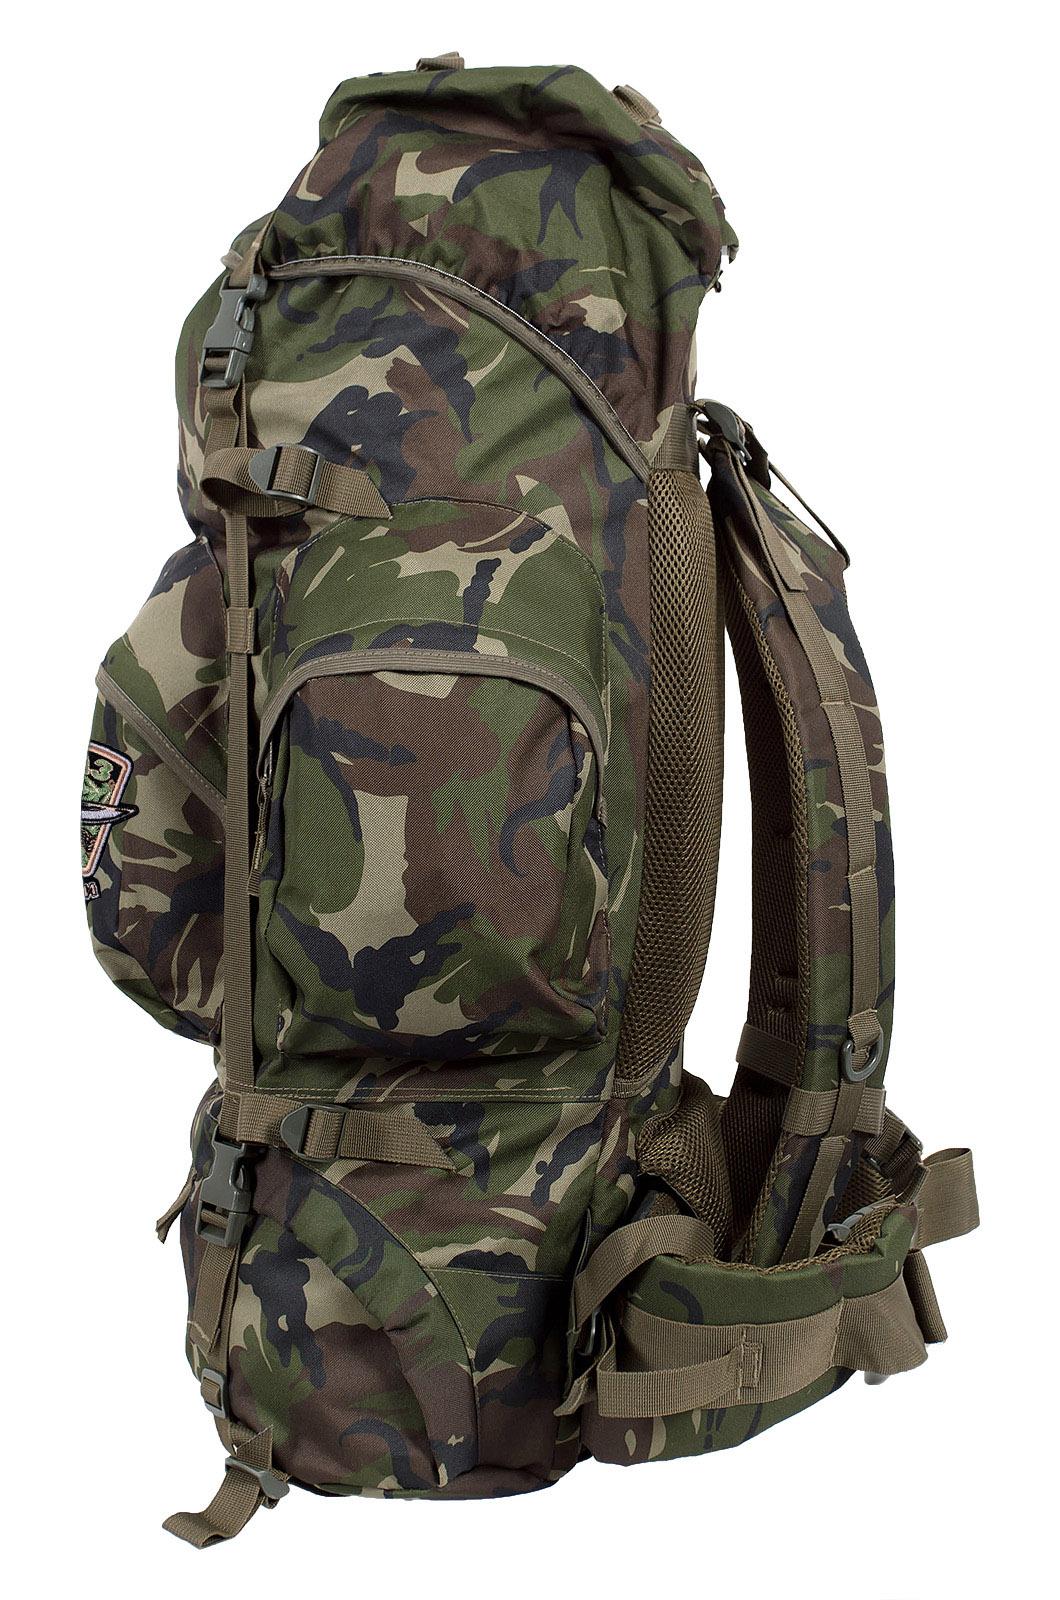 Походный трендовый рюкзак с нашивкой Охотничий Спецназ - заказать в розницу